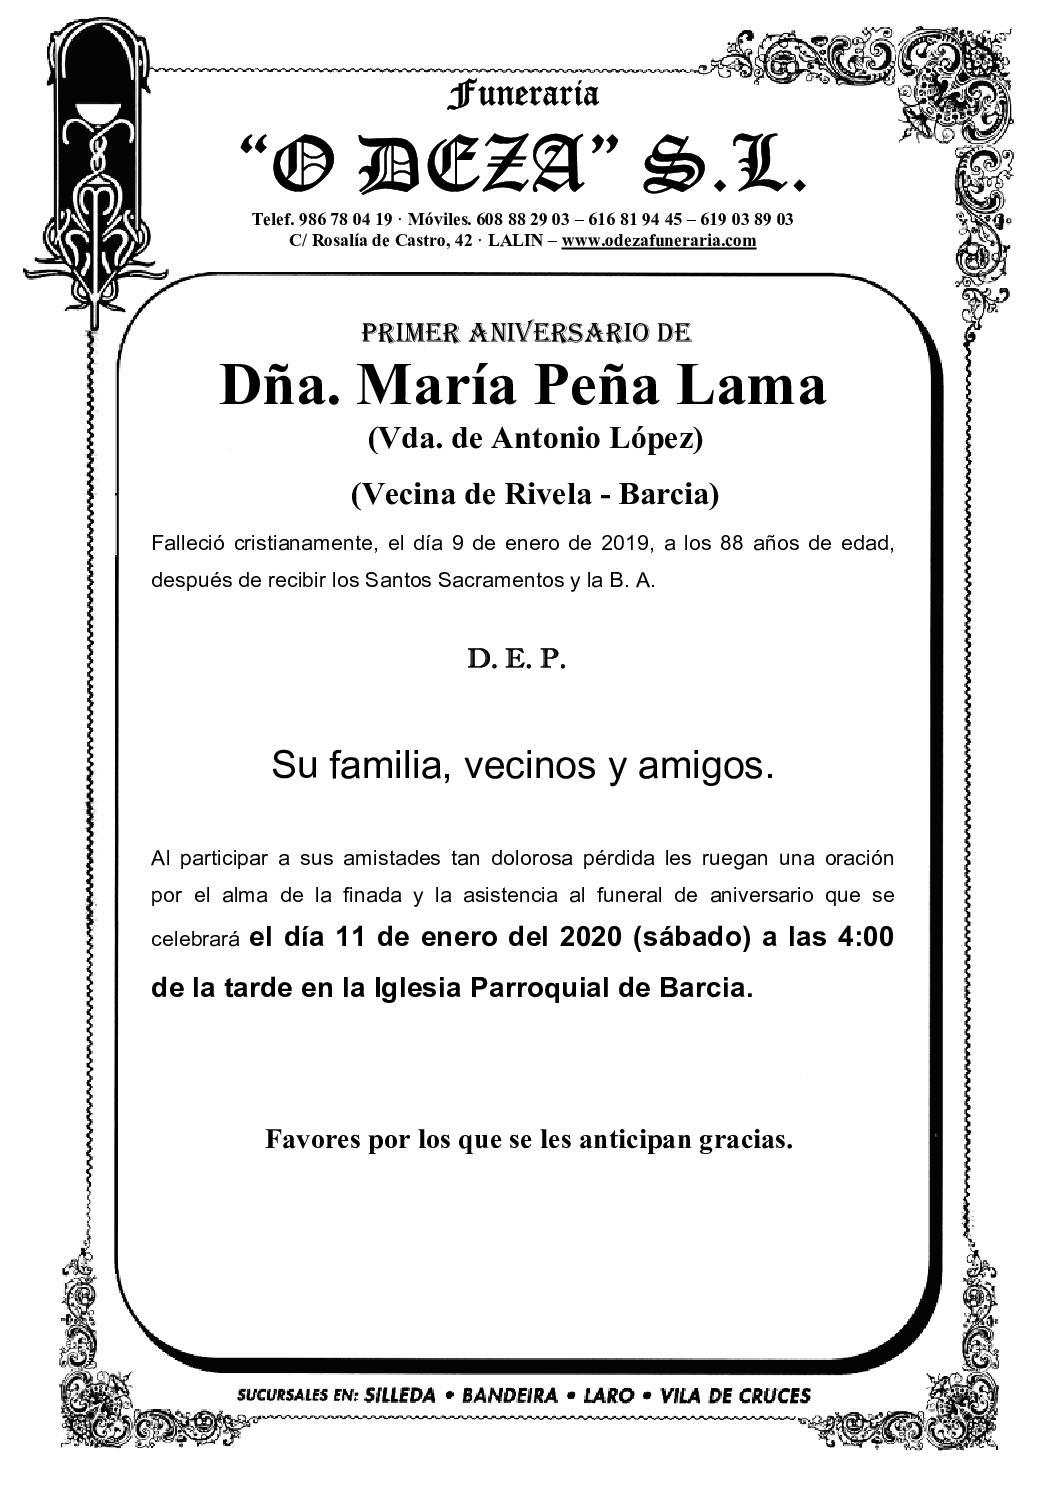 DÑA. MARÍA PEÑA LAMA